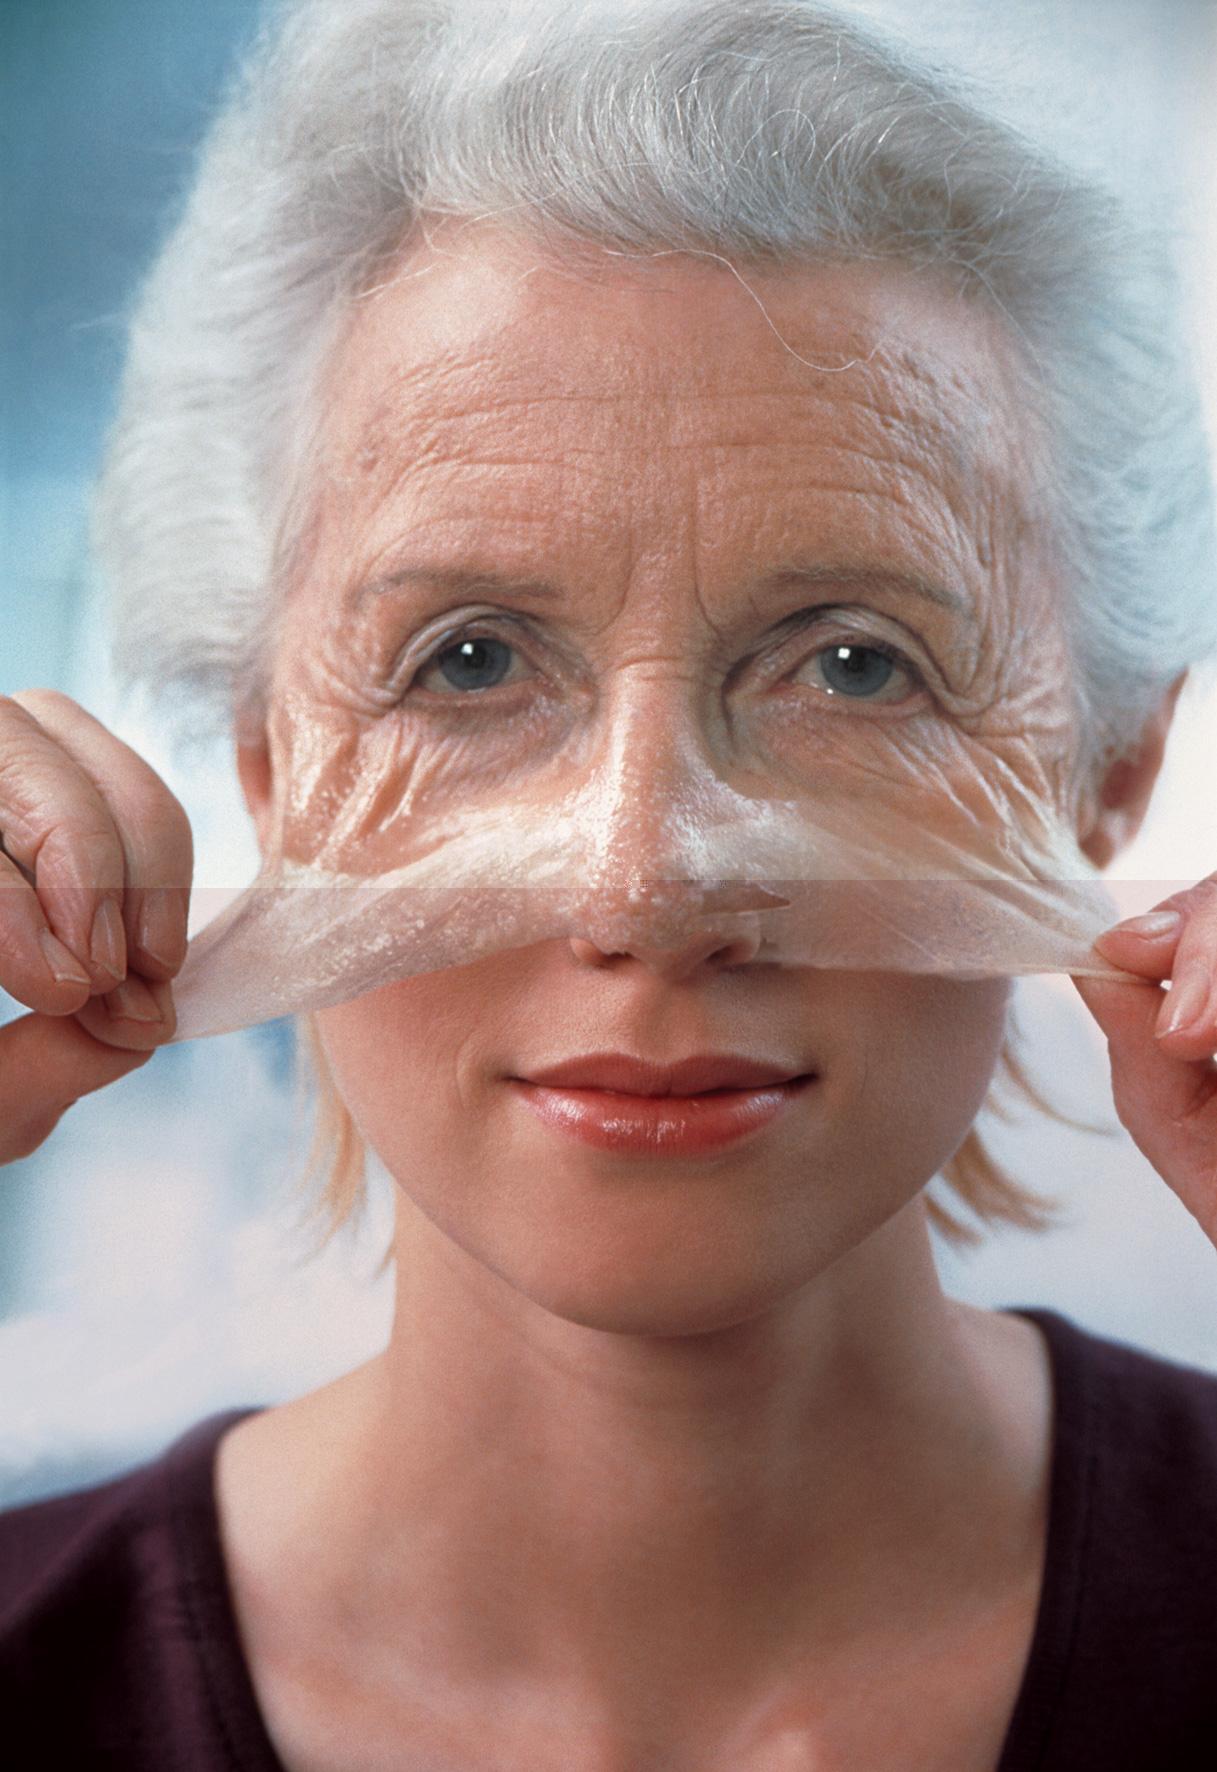 Женщина с морщинами снимает маску, под которой молодое лицо